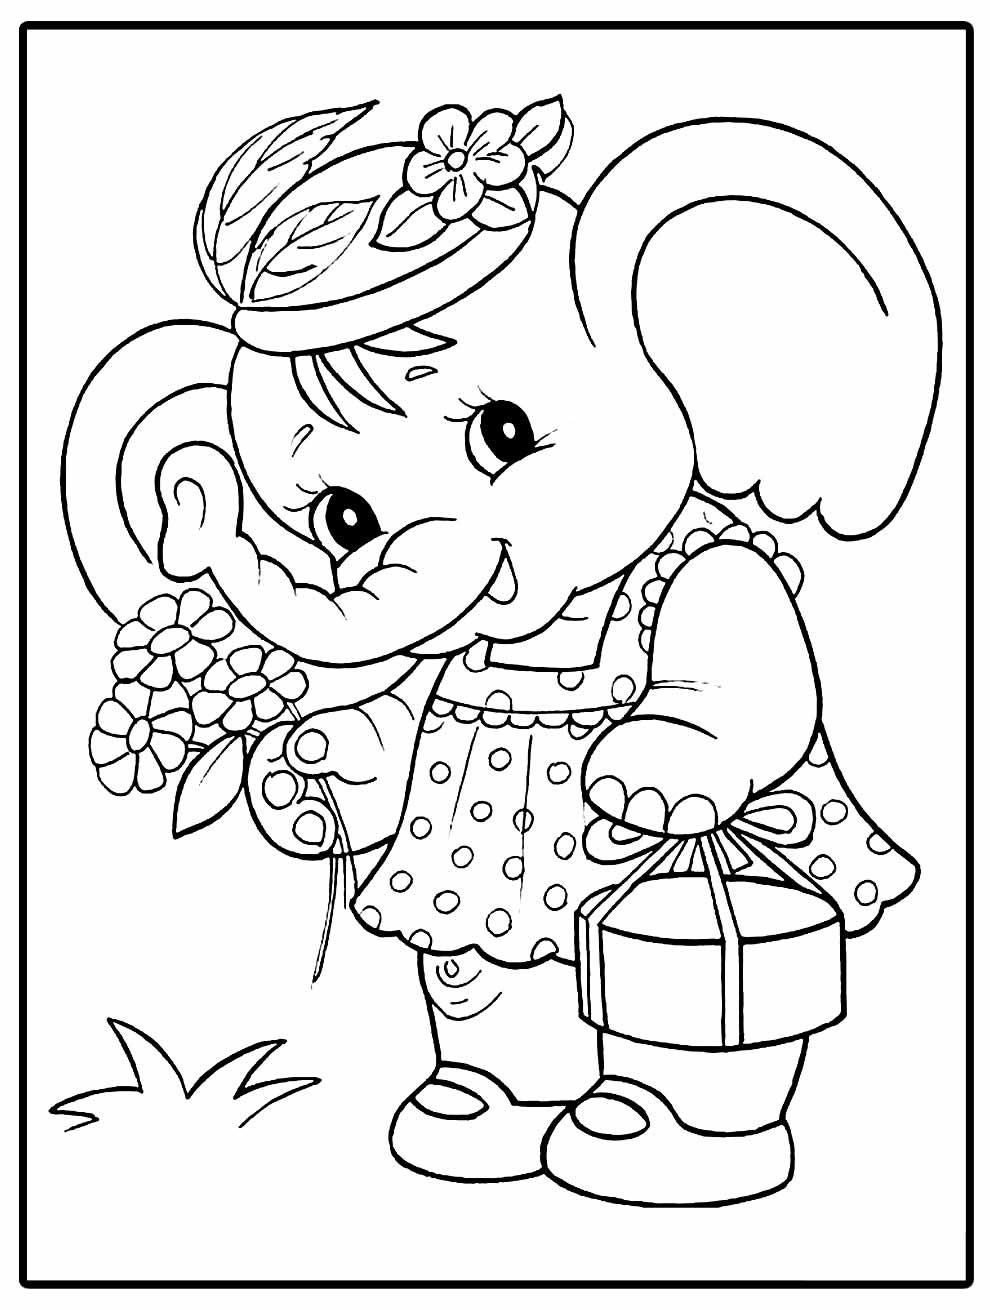 Desenho para pintar e colorir de Elefante fofo